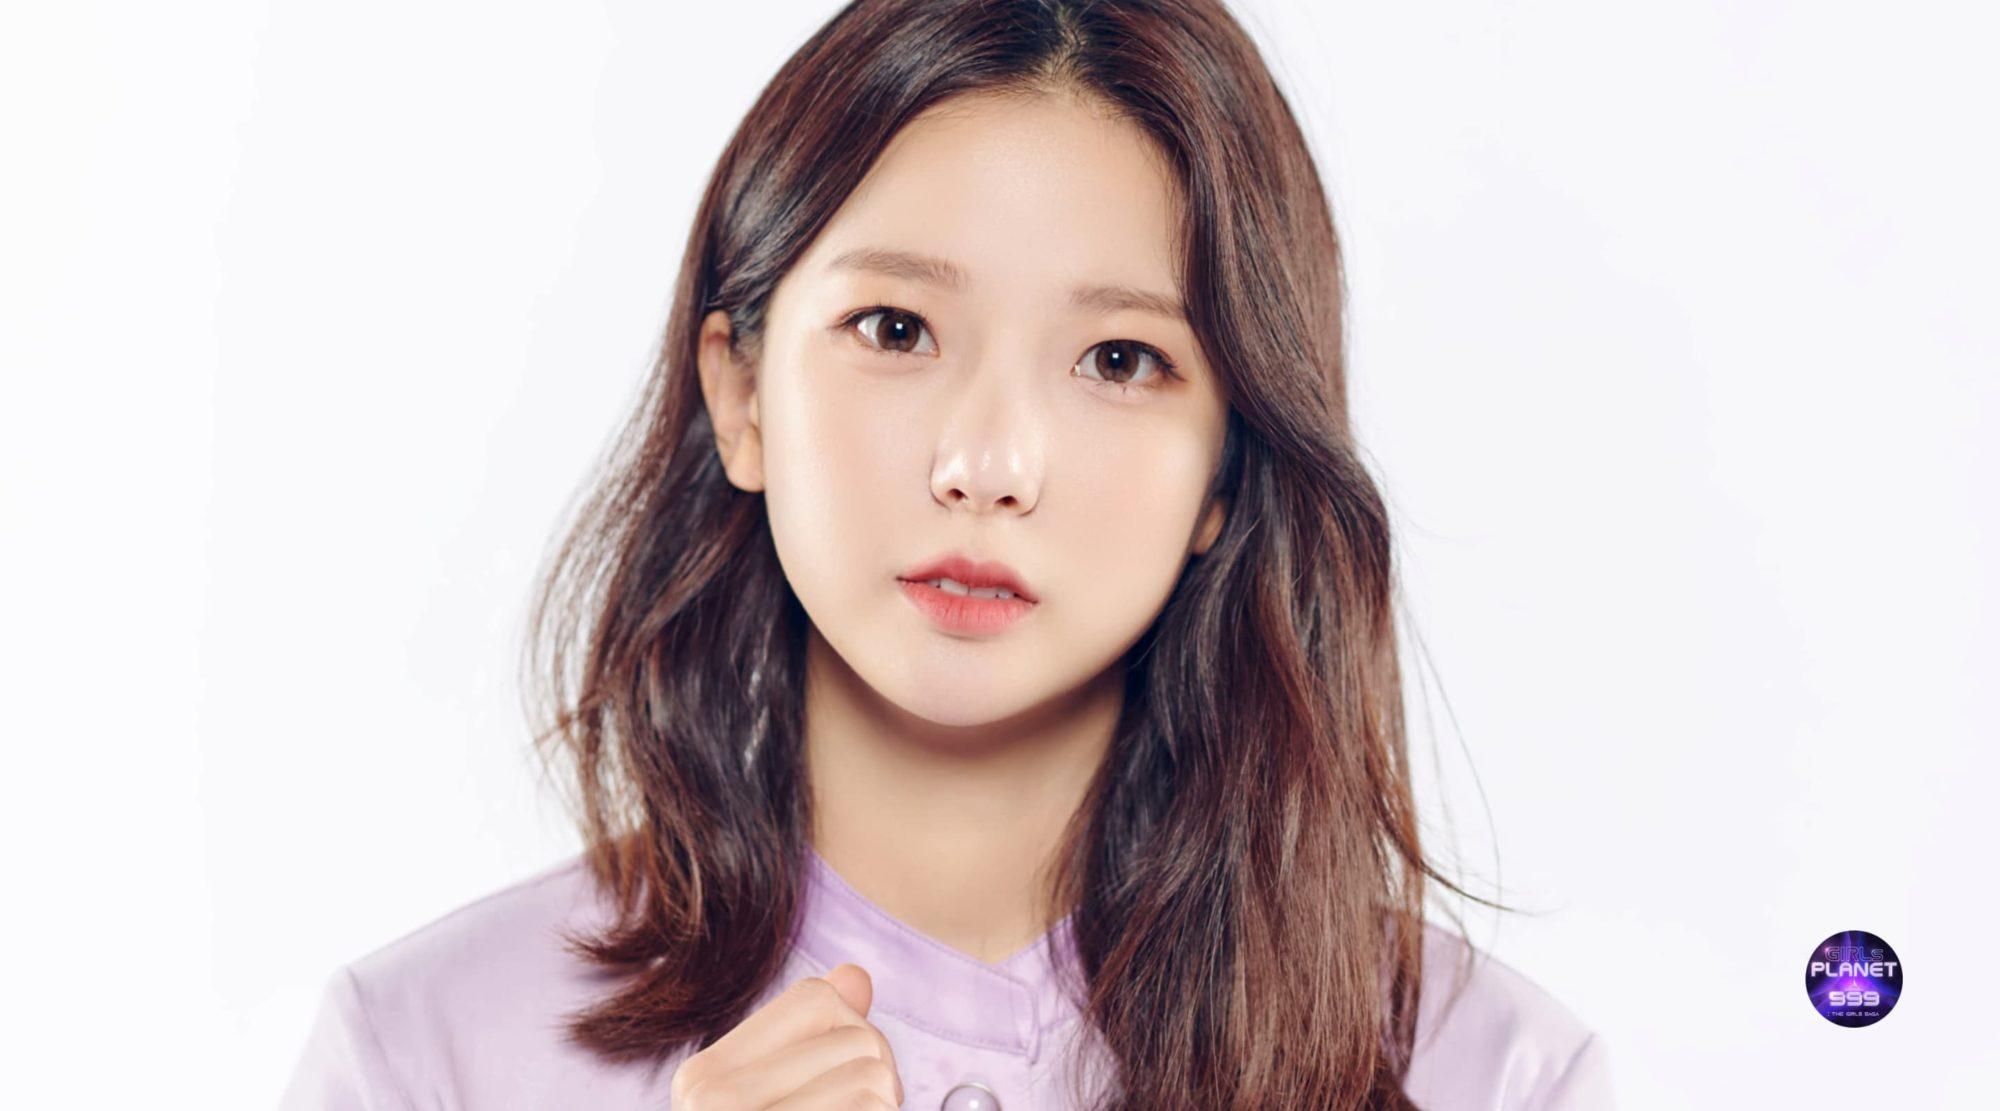 Choi Yujin Girls Planet 999